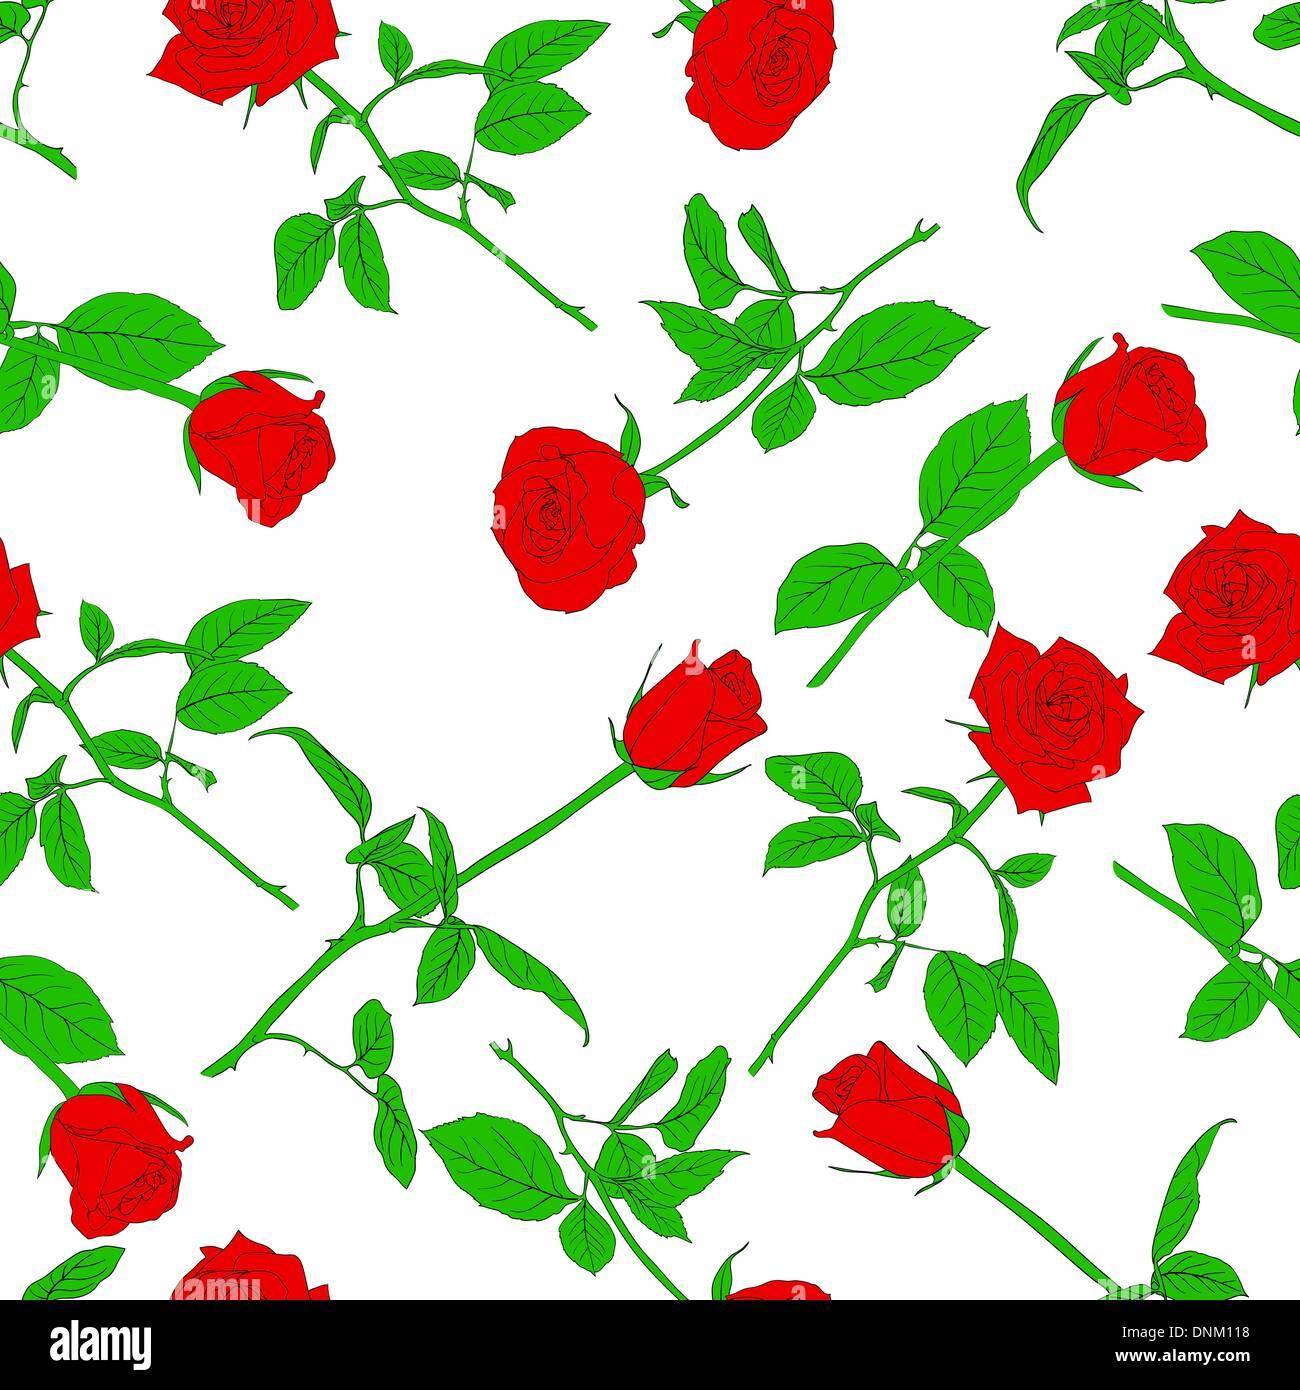 Nahtlose Hintergrund mit Rosen. Einsetzbar als nahtlose Tapeten, Textilien, Geschenkpapier oder Hintergrund Stockbild